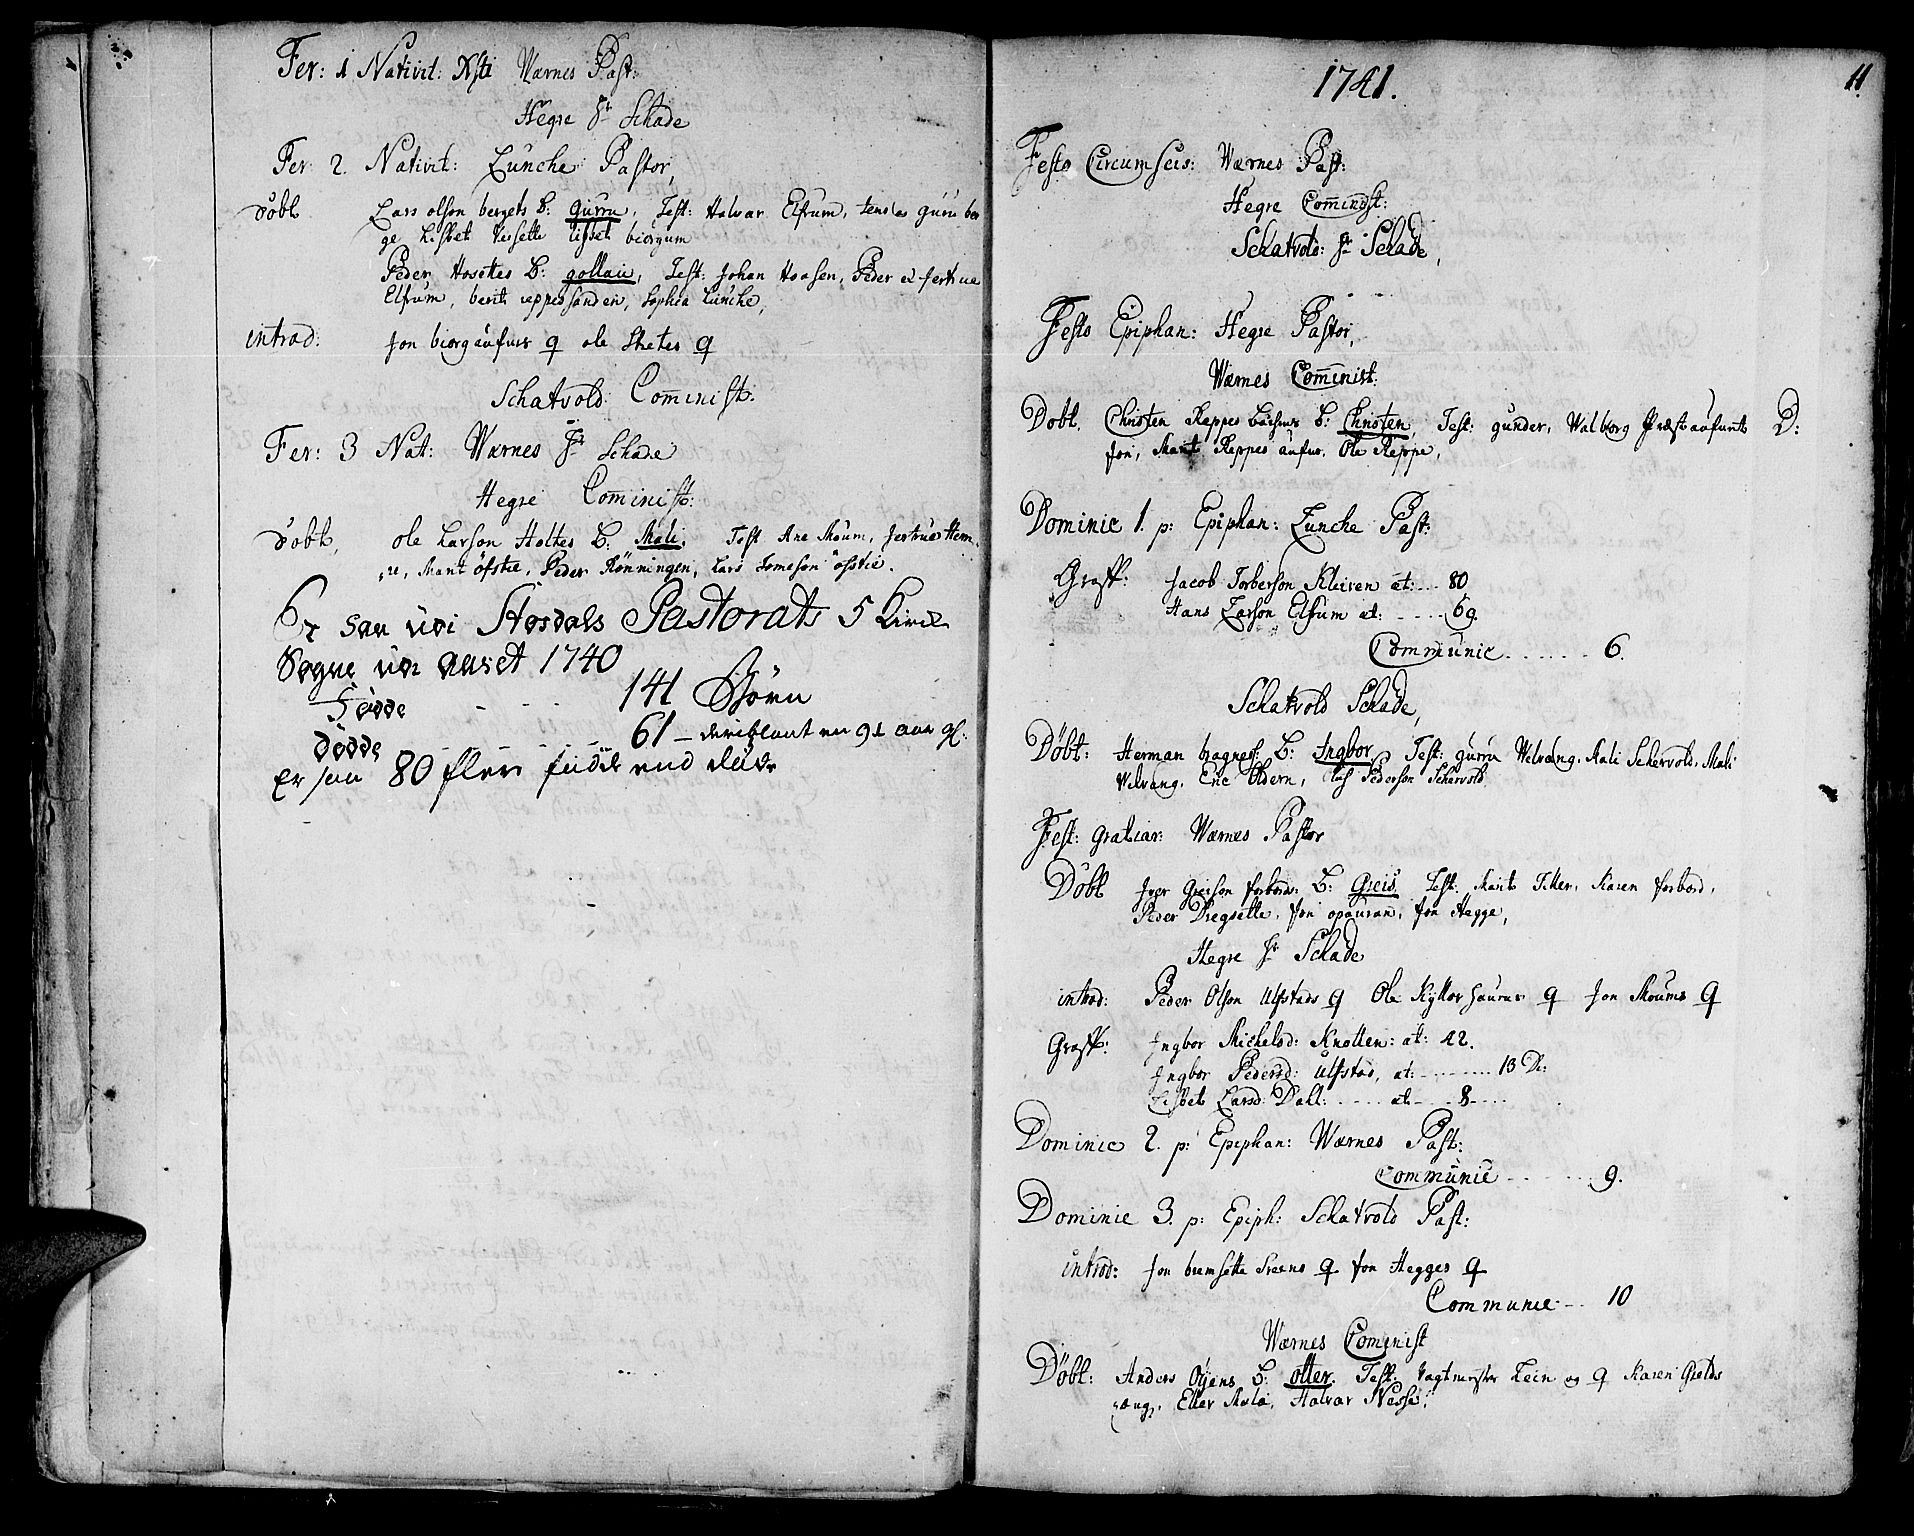 SAT, Ministerialprotokoller, klokkerbøker og fødselsregistre - Nord-Trøndelag, 709/L0056: Ministerialbok nr. 709A04, 1740-1756, s. 11